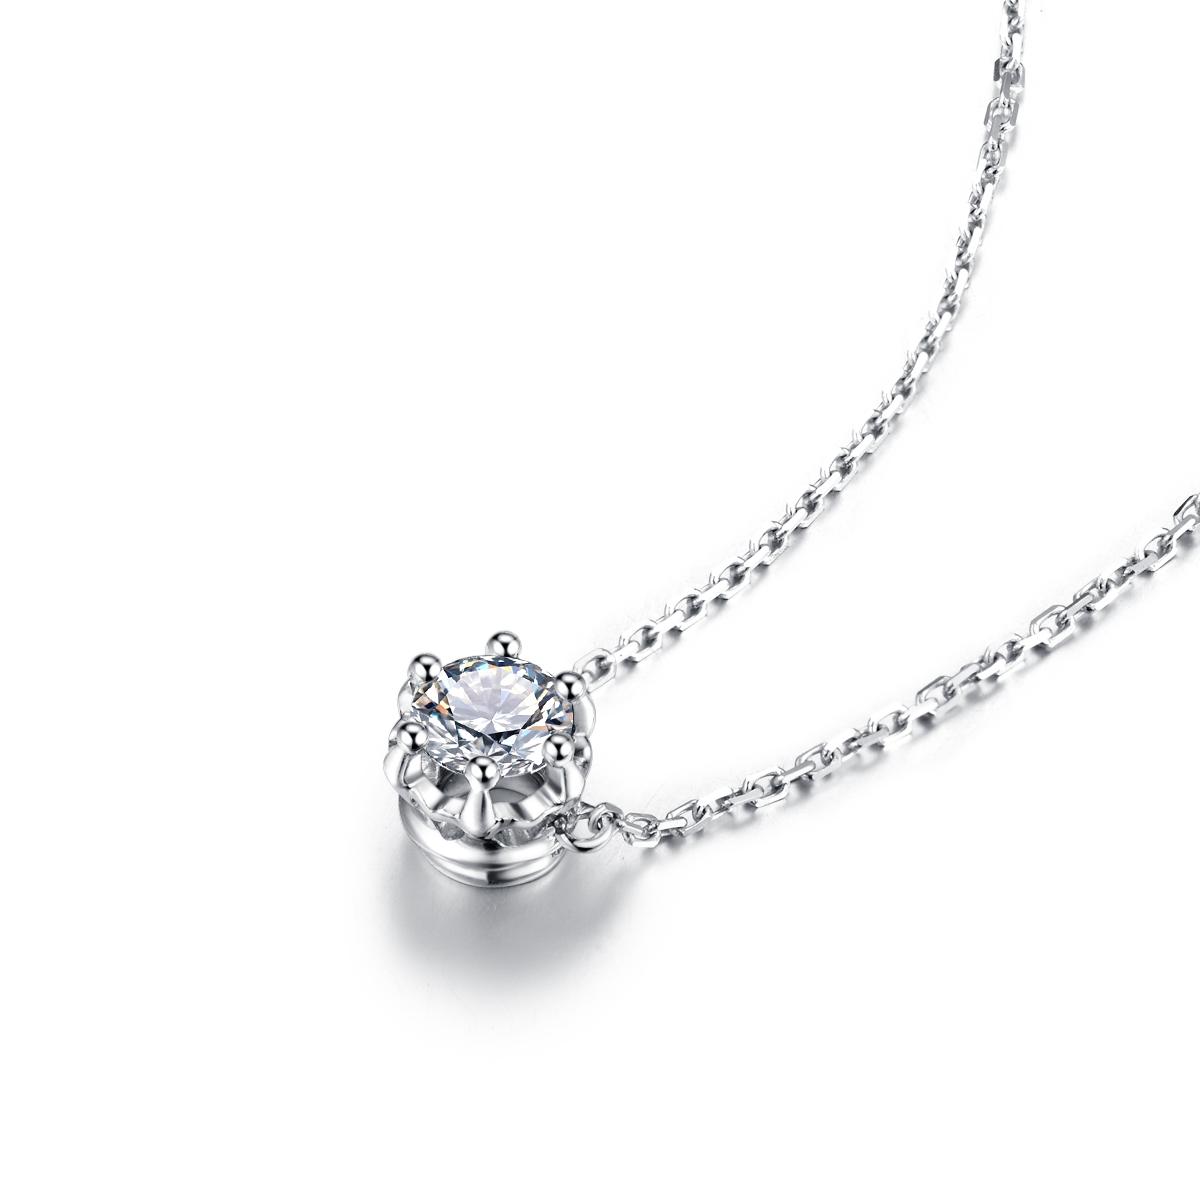 钻石吊坠,钻饰,佐卡伊吊坠